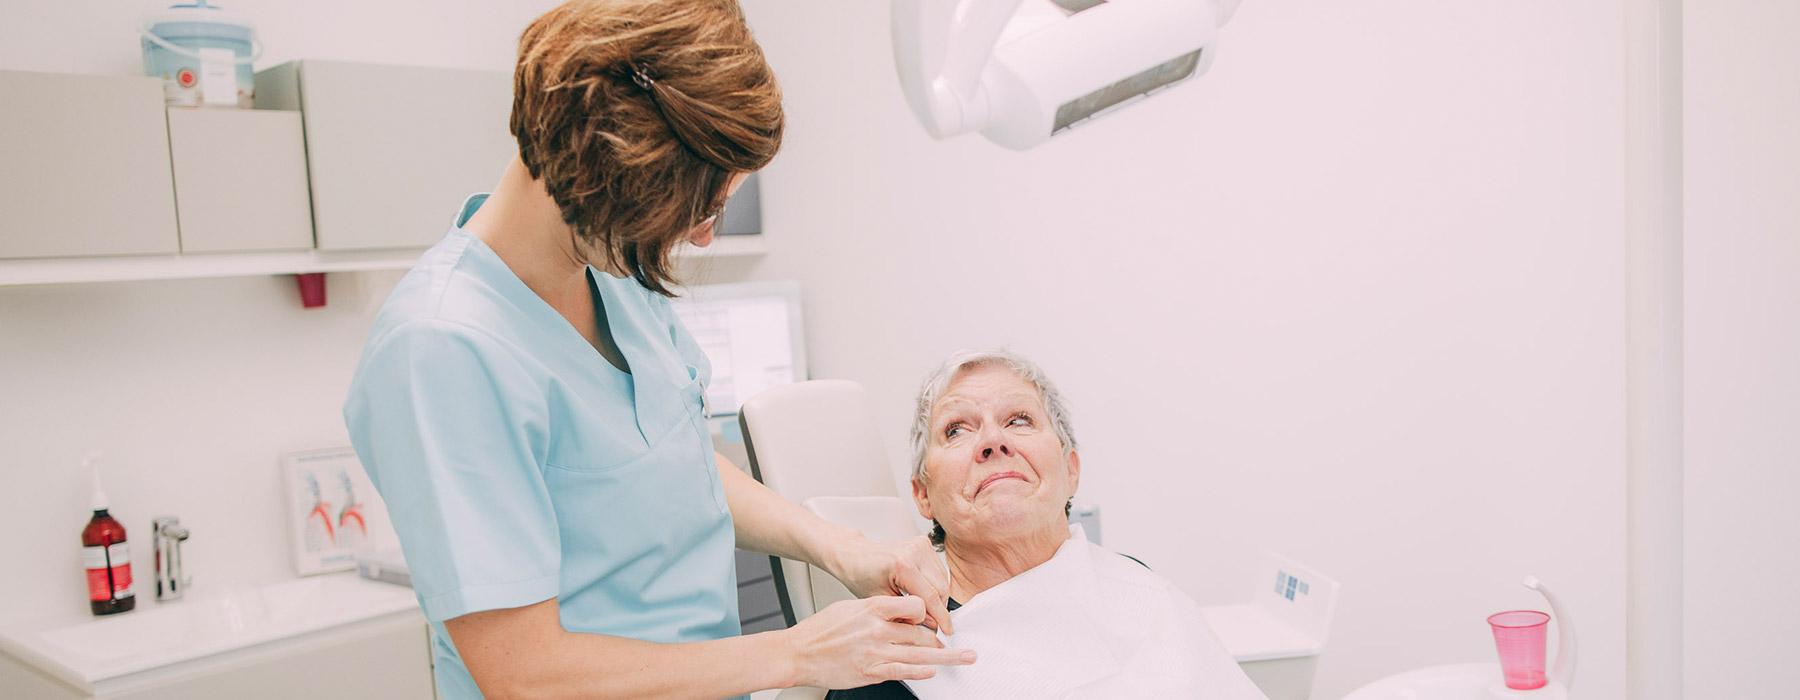 Parodontosebehandlung in Frankfurt für feste und gesunde Zähne